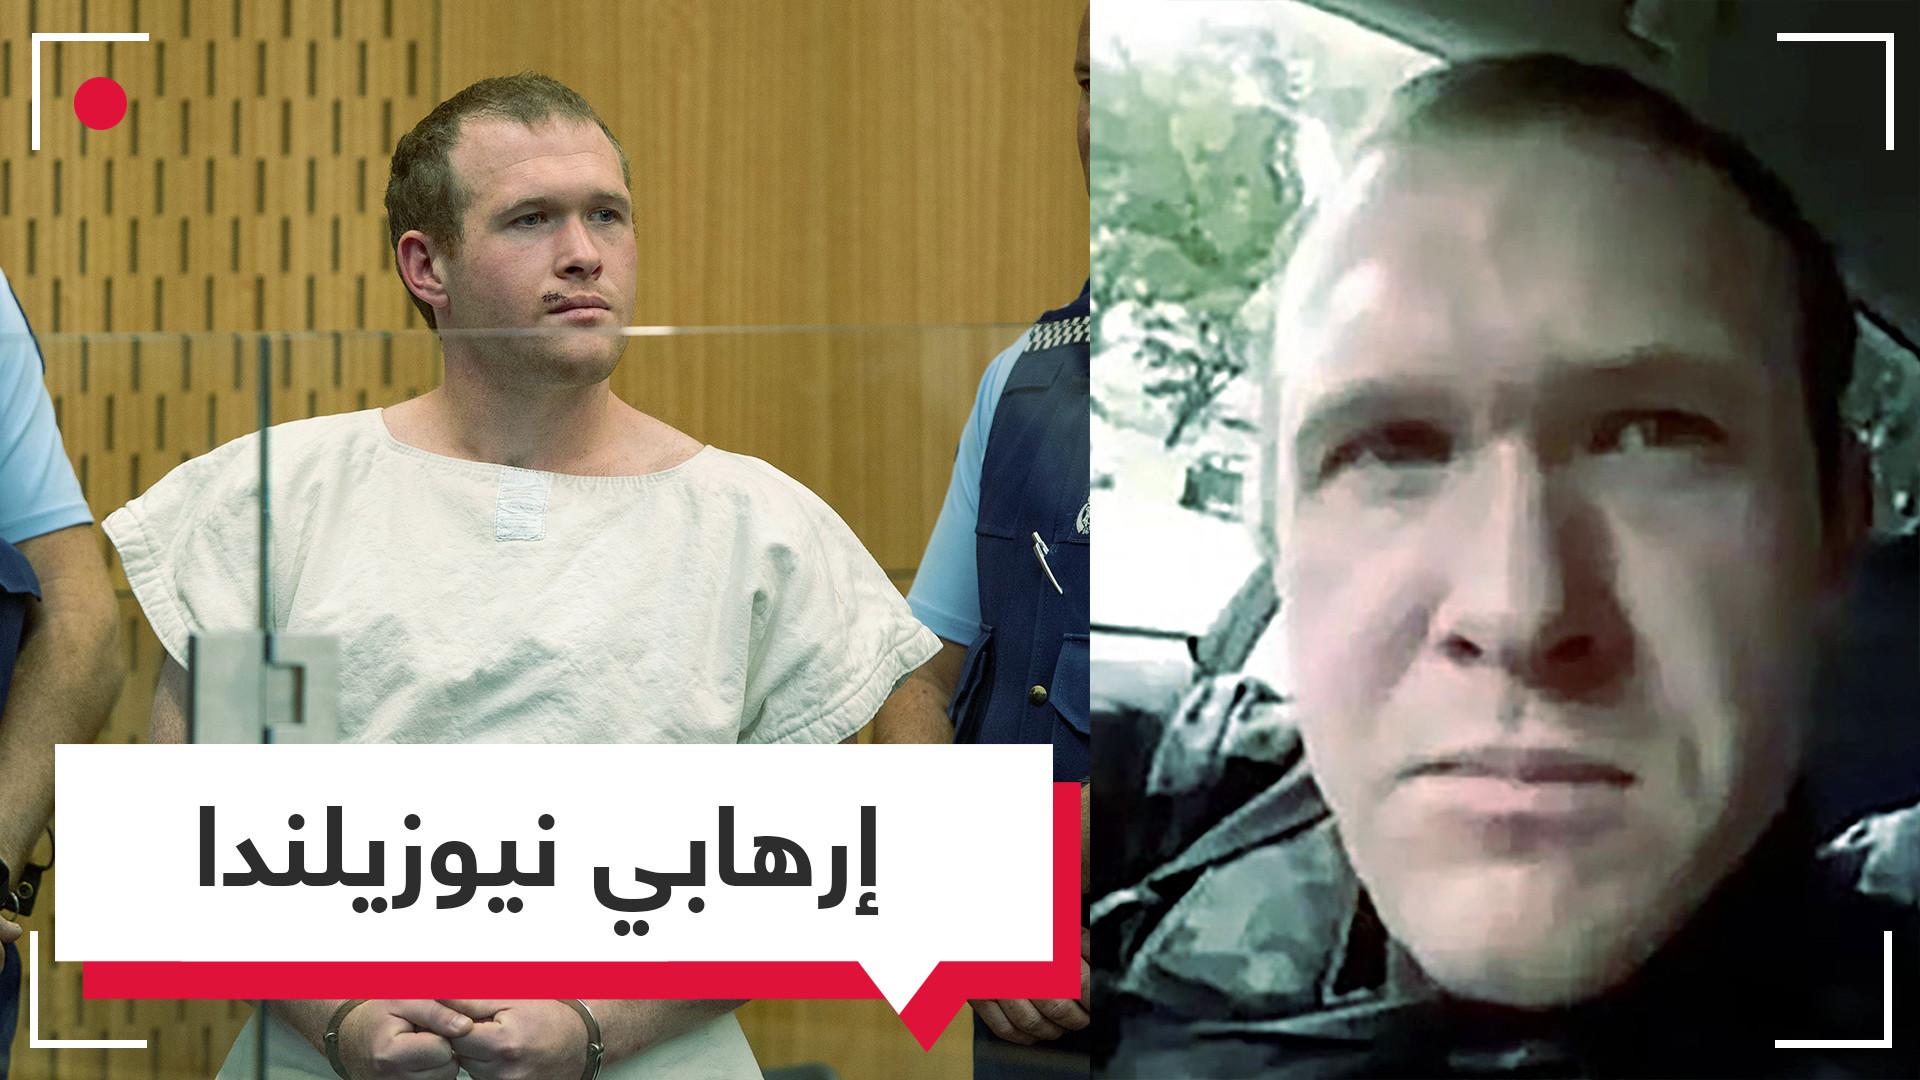 إرهابي نيوزيلندا: أنا بريء!